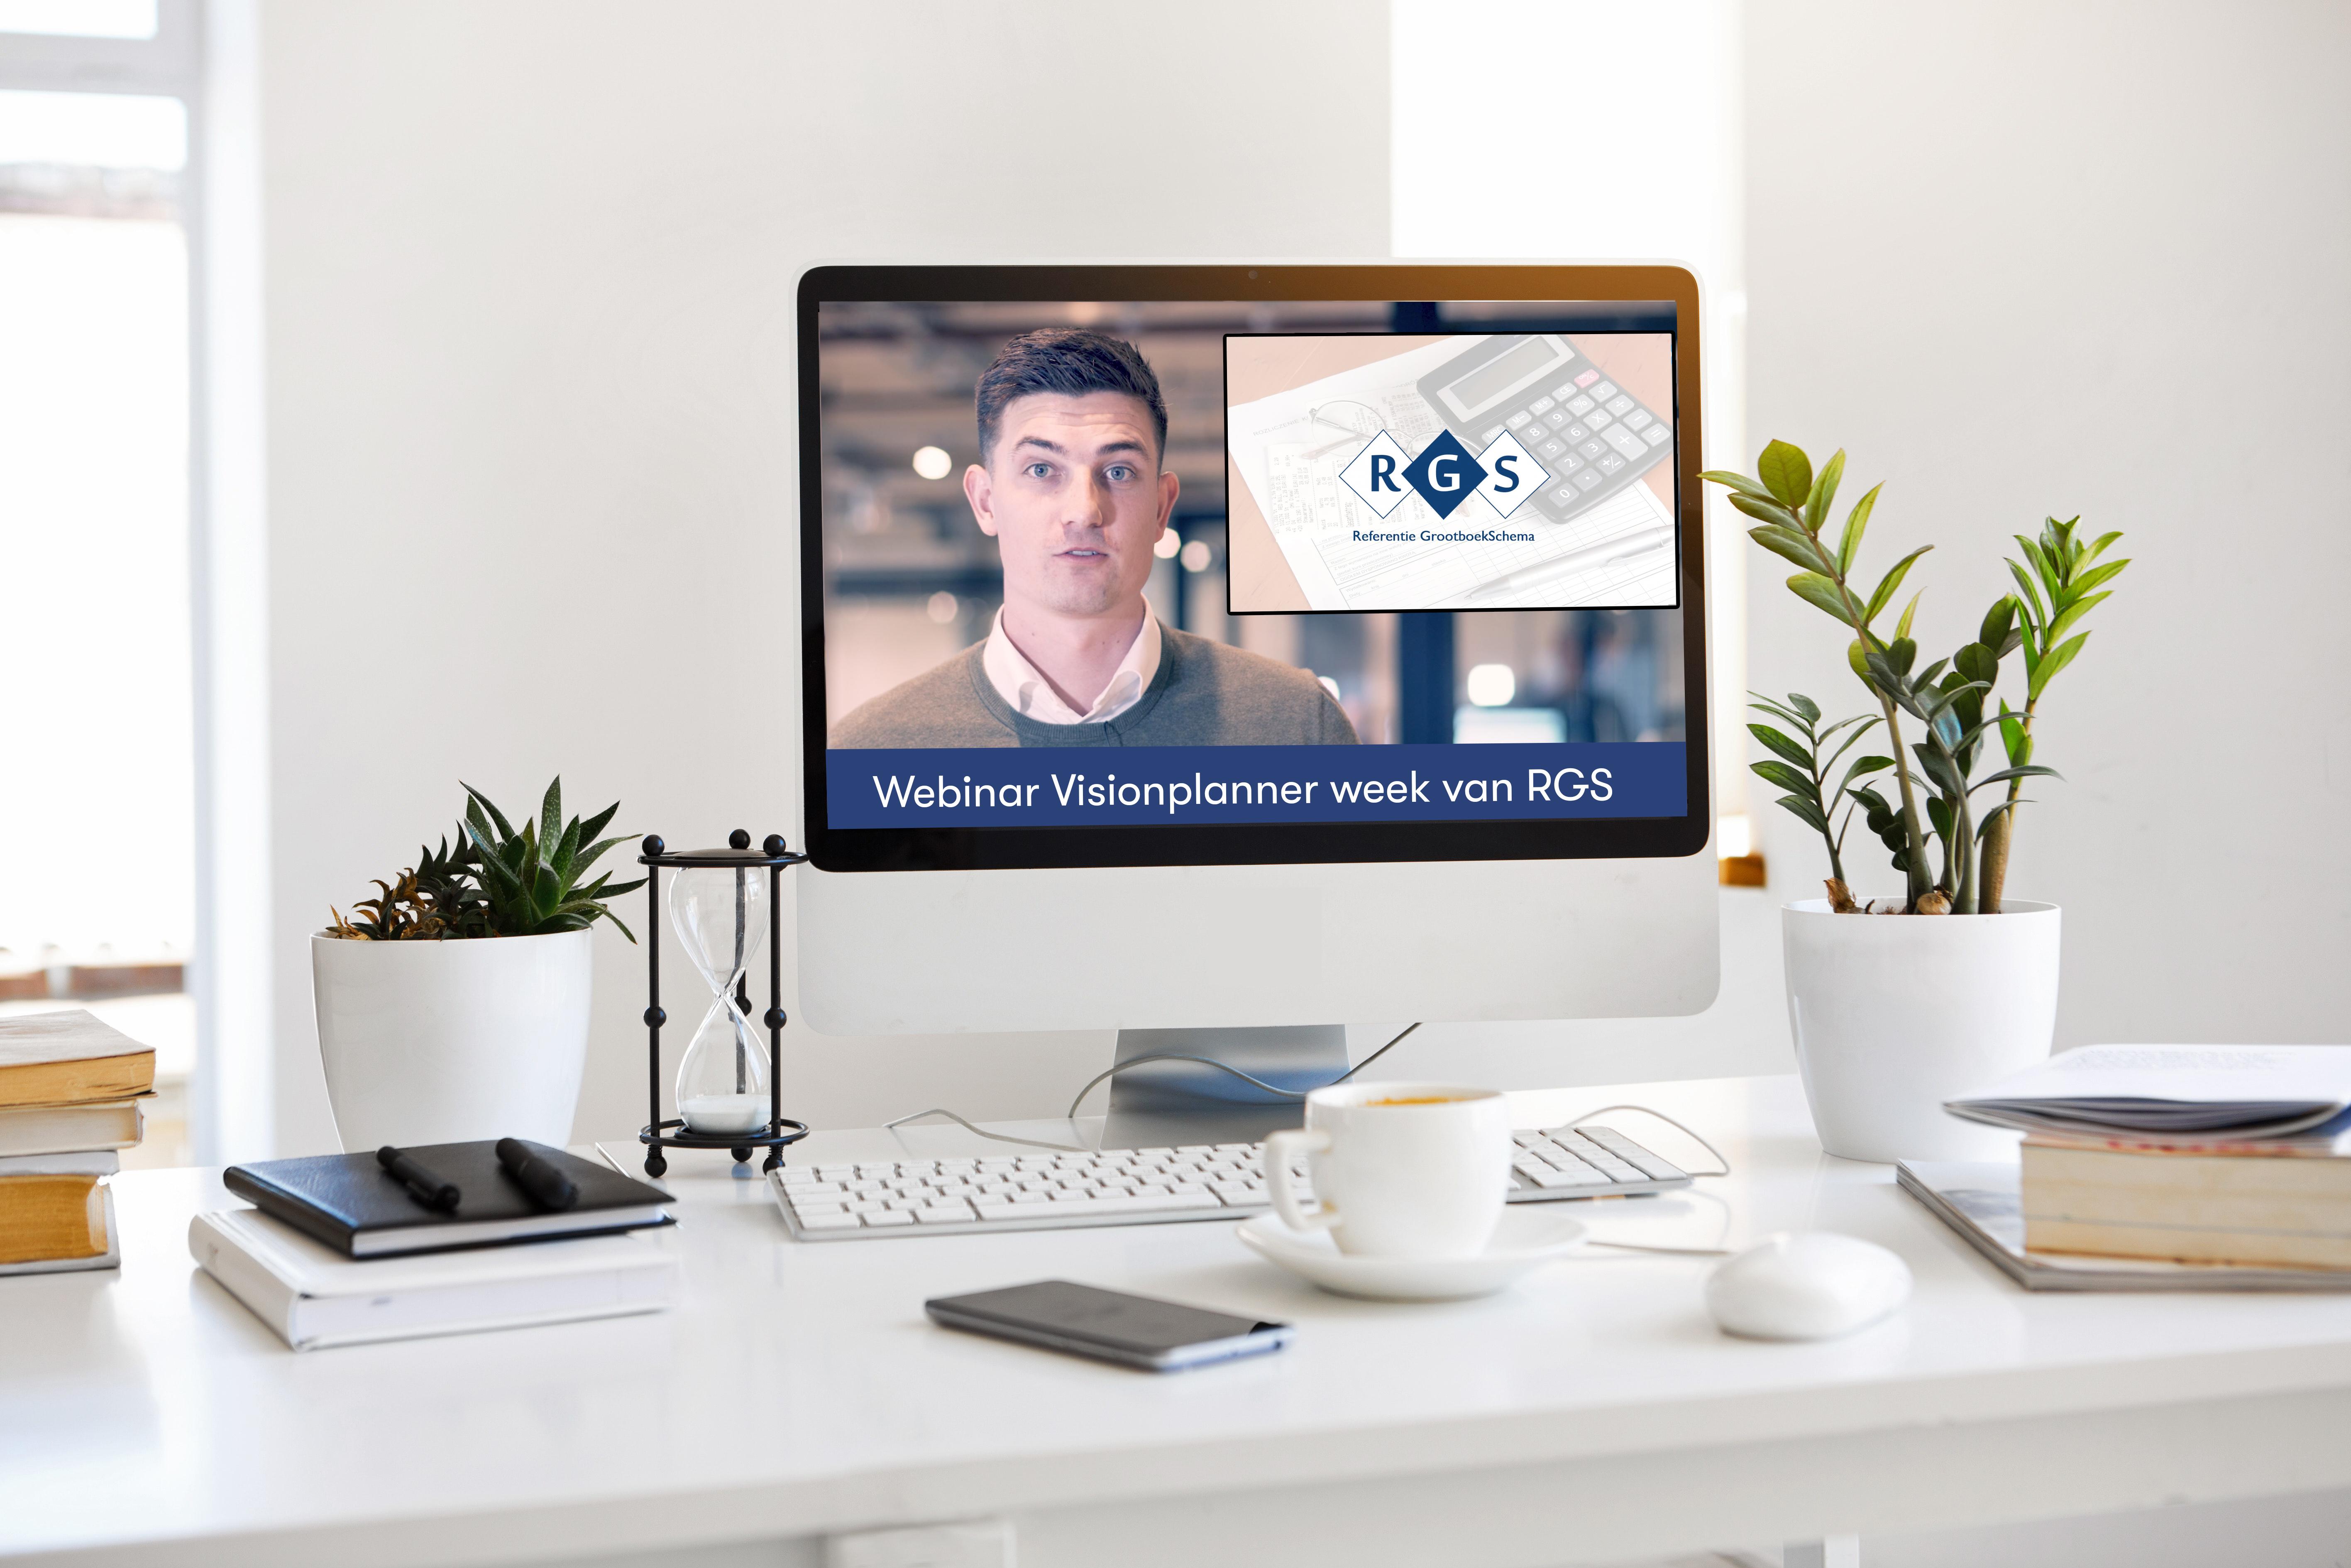 webinar visionplanner week van rgs (1)